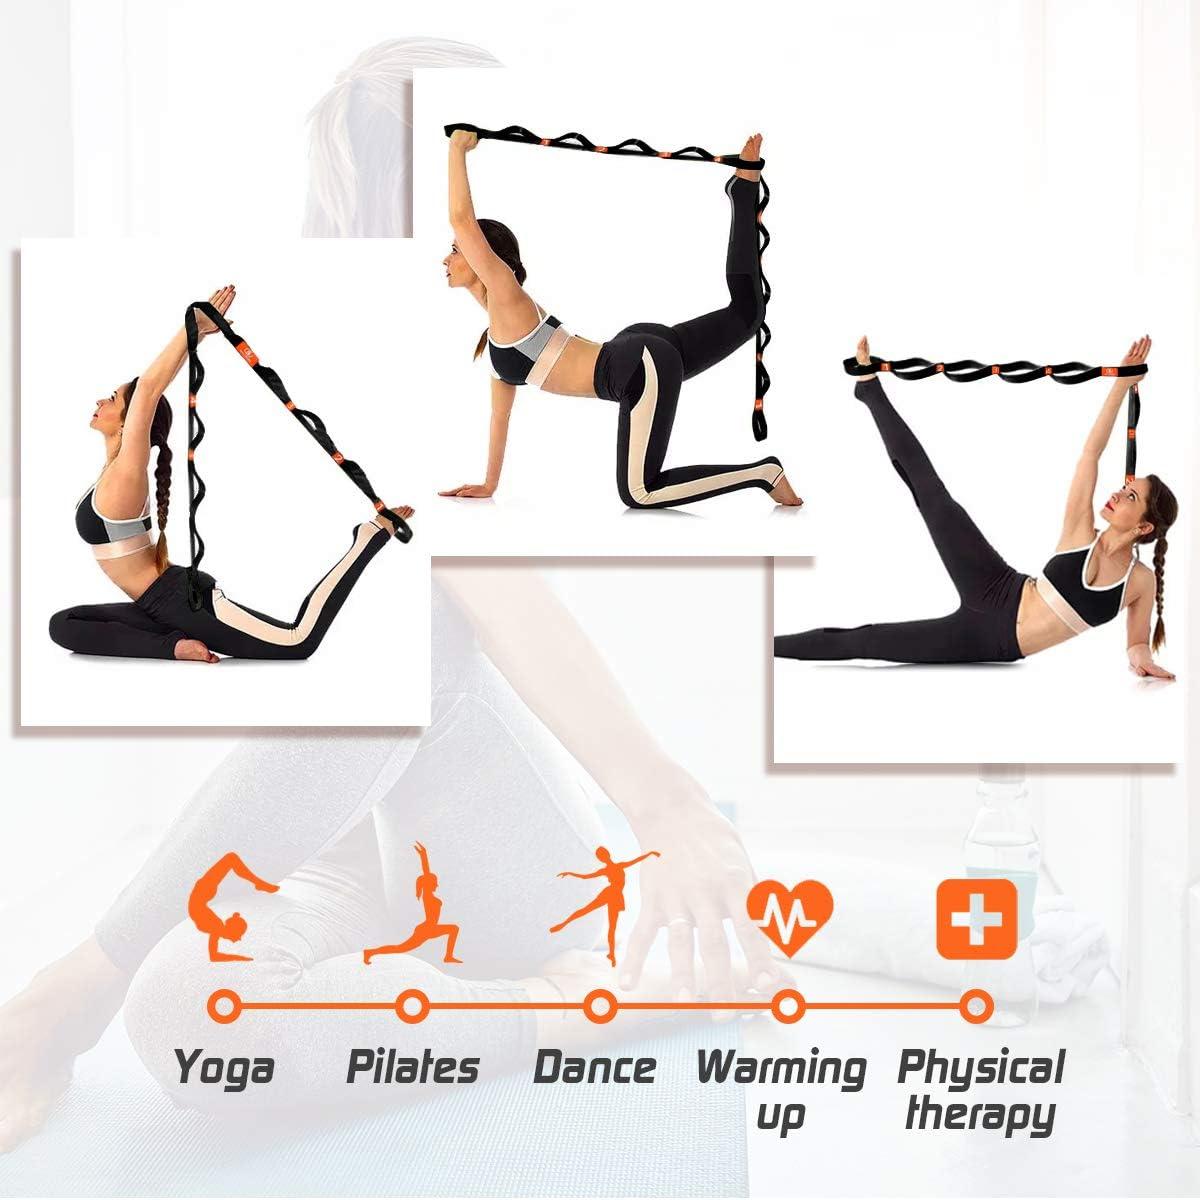 Terapia F/ísica 5BILLION Correa Yoga /& Stretch Strap Yoga Strap para Yoga Caliente M/últiples Lazos de Agarre Mayor Flexibilidad /& Aptitud 4cm x 182cm